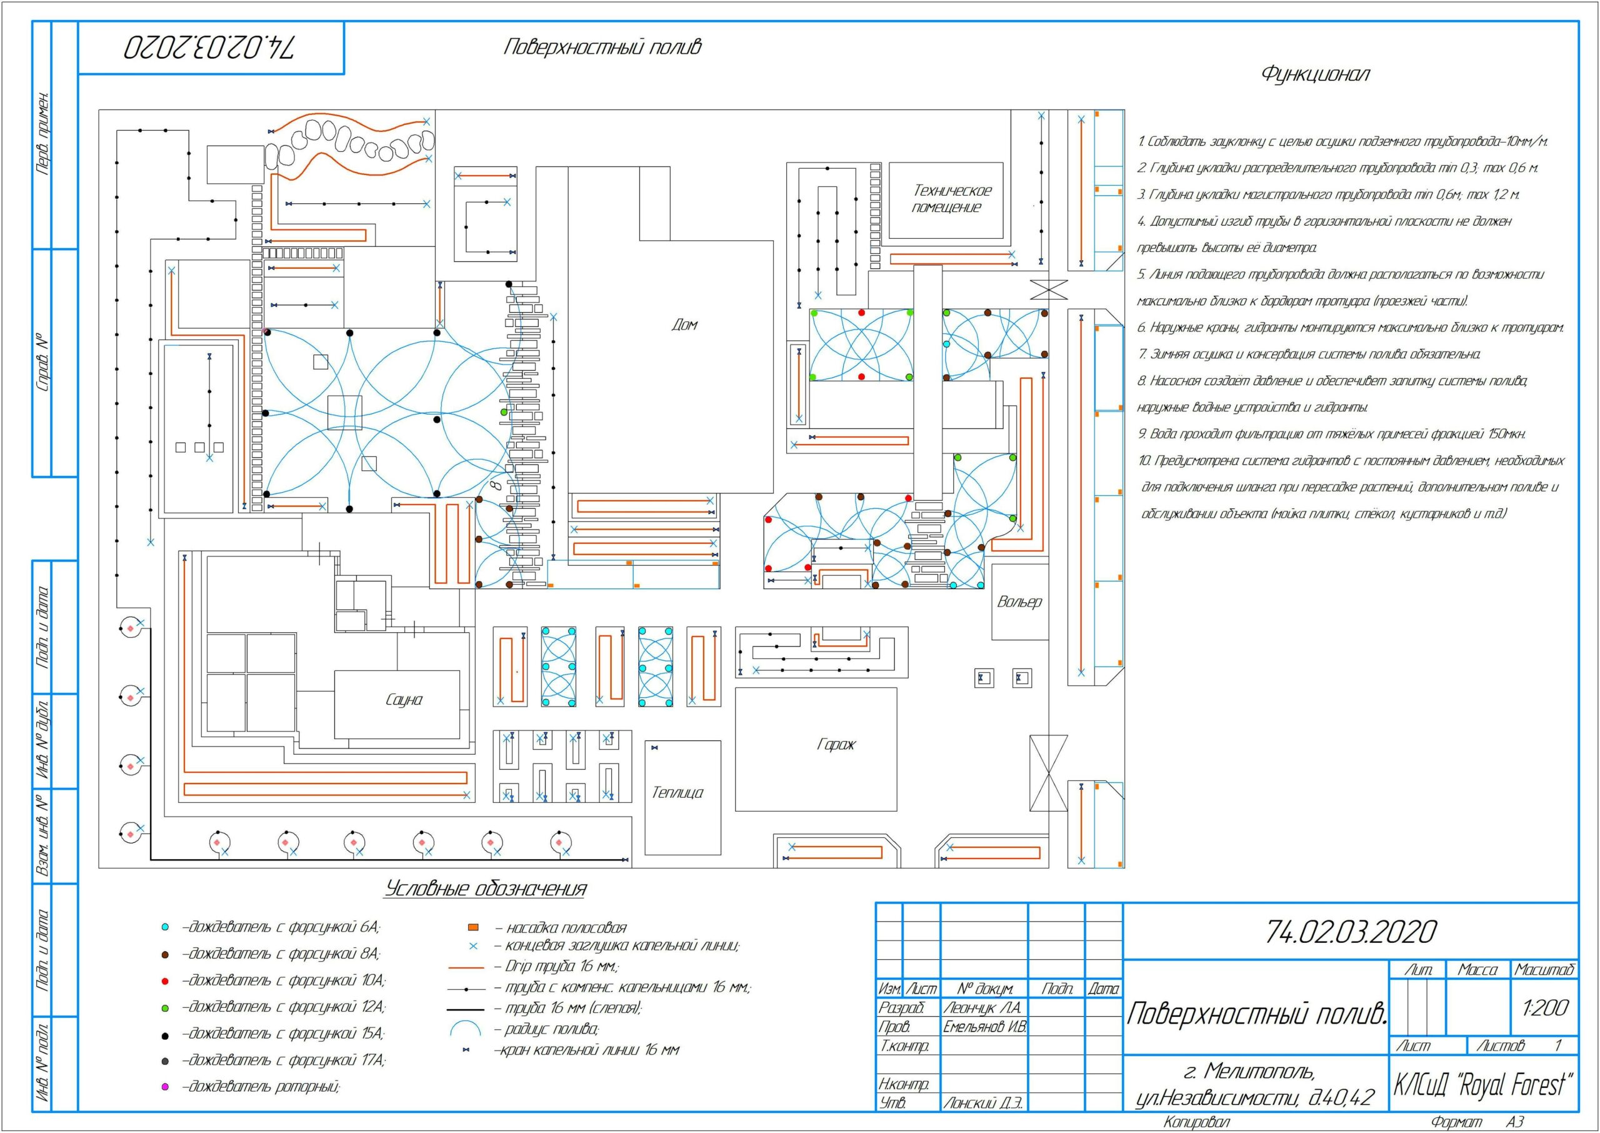 Проект расстановки дождивателей Киев, проектирование полива ландшафтного дизайна в Киеве, проект ландшафтного полива Киев